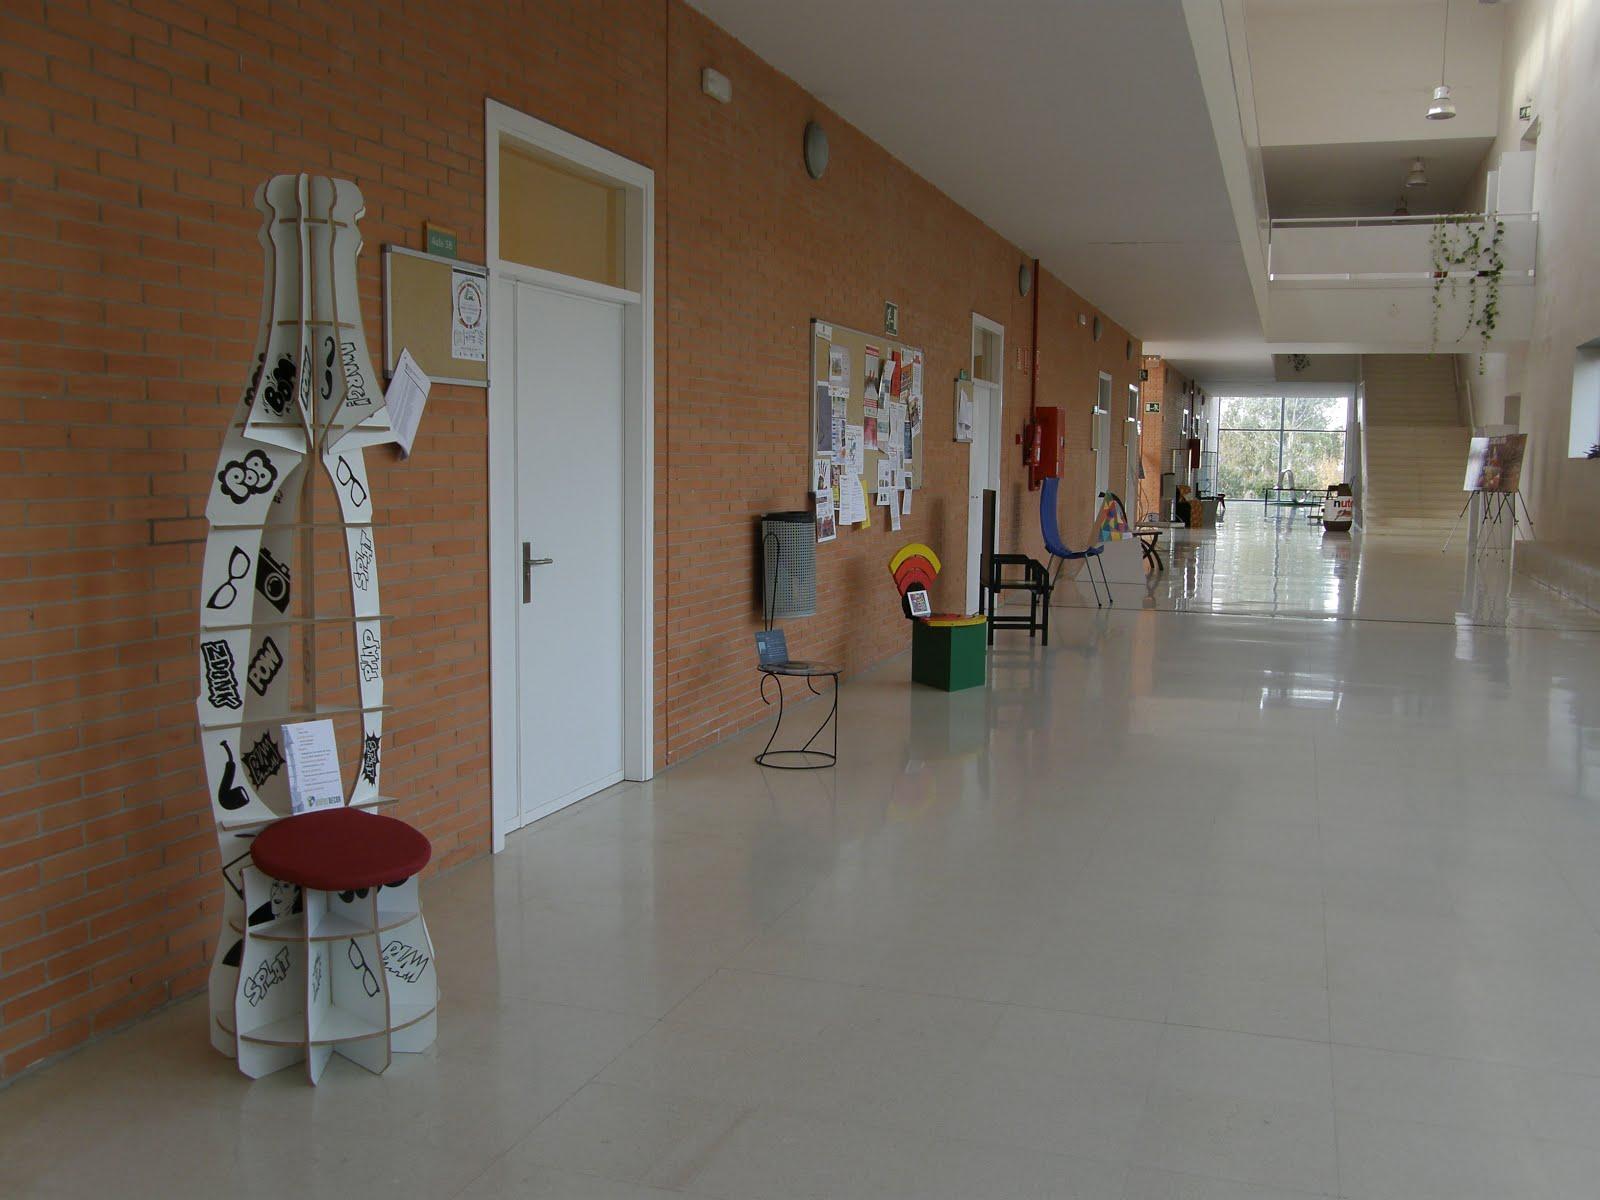 Centro Universitario de Mérida: 2015